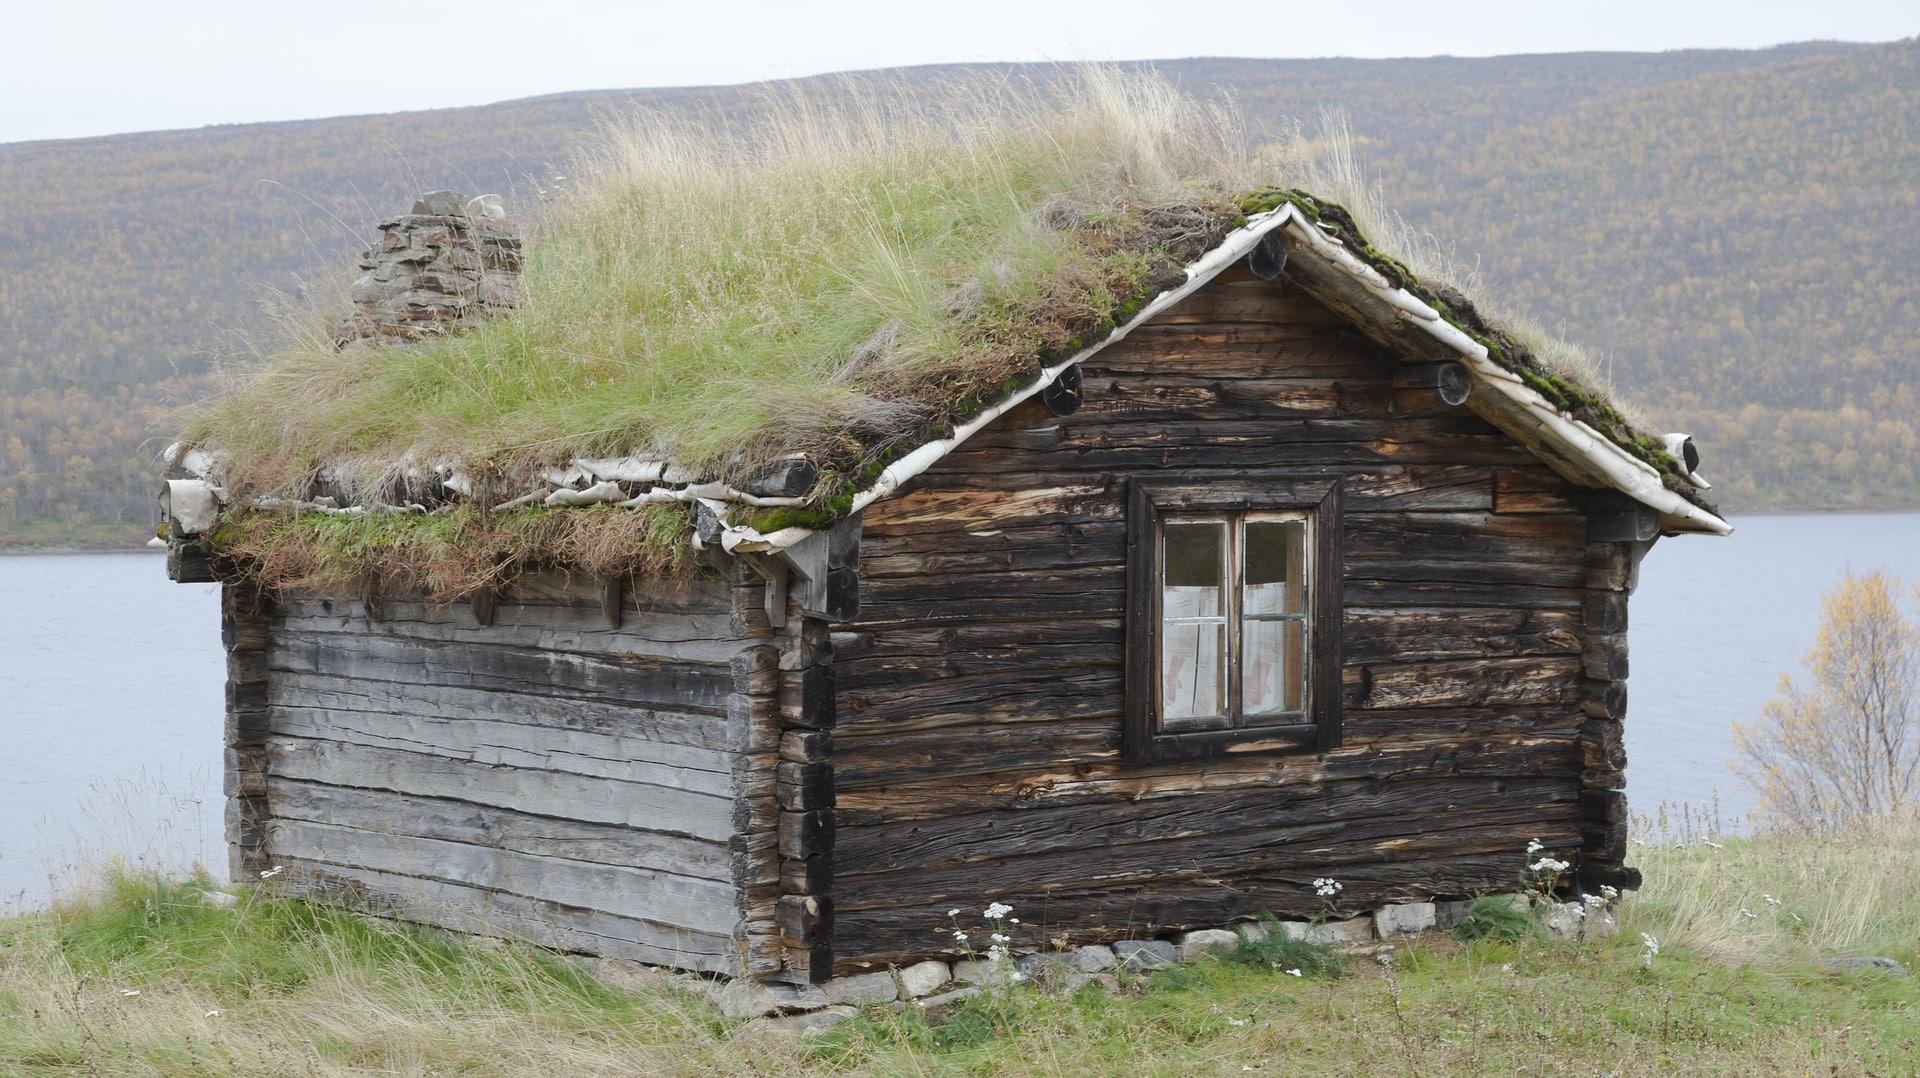 In Norwegen gehen die Menschen ohne Kleidung und strikt nach Geschlechtern getrennt in die Sauna.